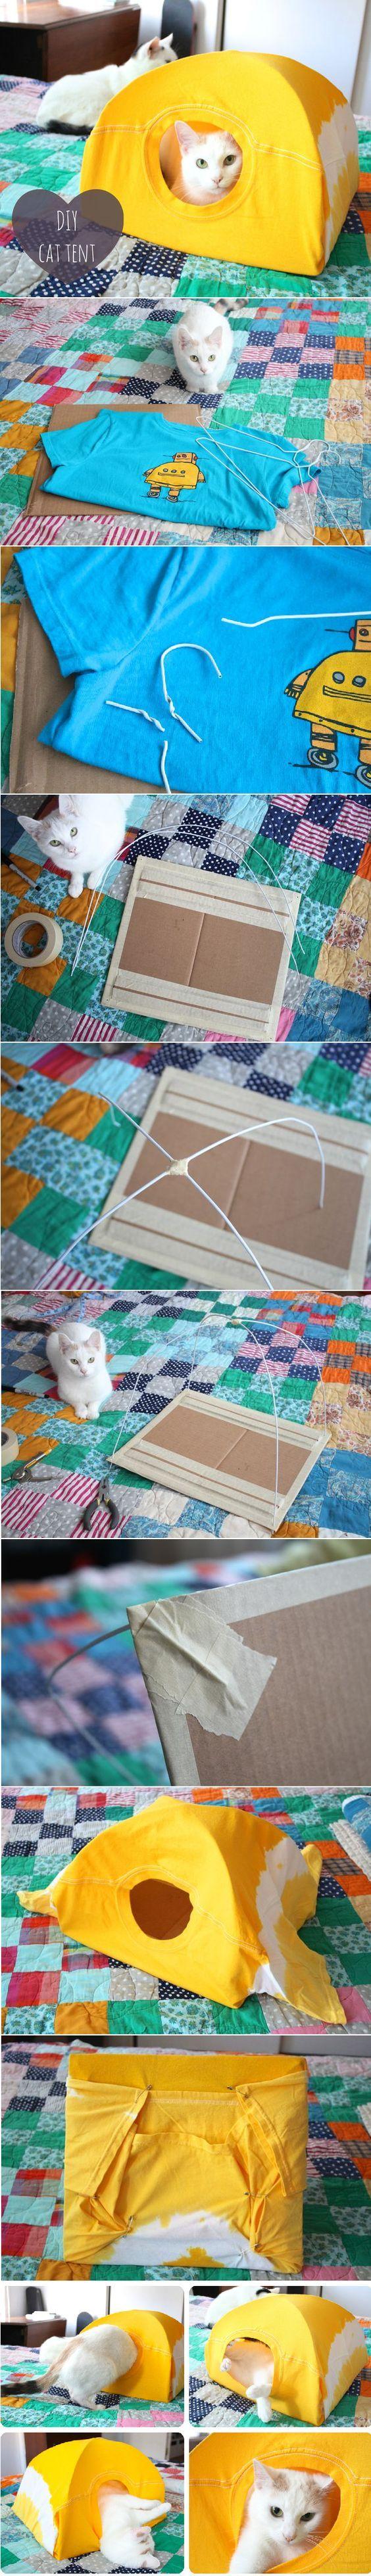 Un'idea creativa per il vostro gatto - Cat Tenda fai da te: